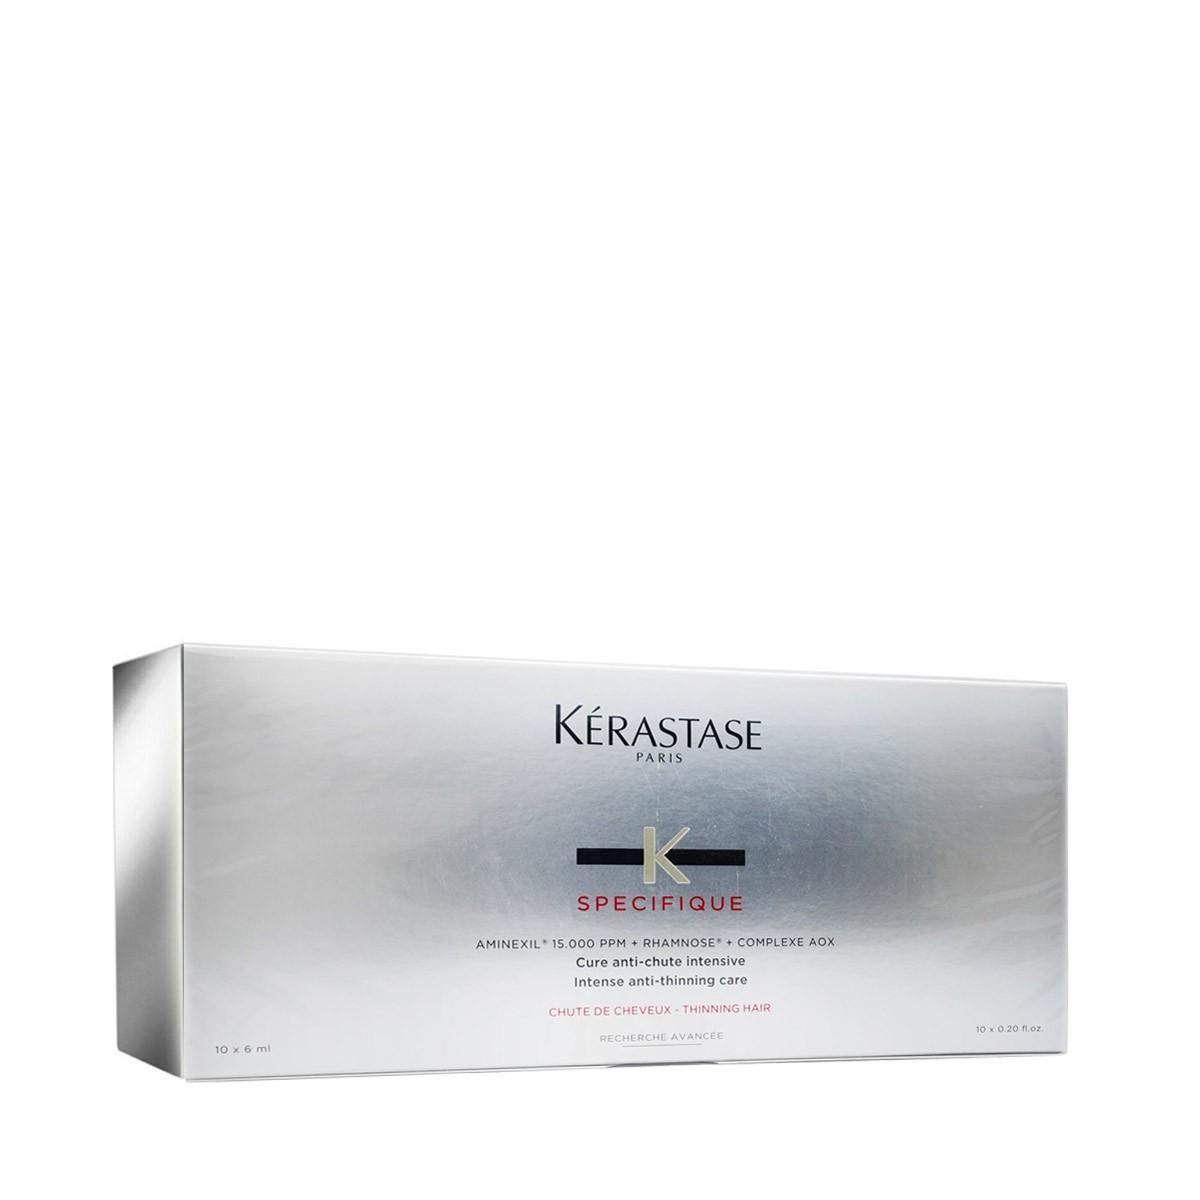 KERASTASE Specifique Aminexil Force R 10x6ml - Ampułki / kuracja intensywnie przeciwdziałająca okresowemu lub stałemu wypadaniu